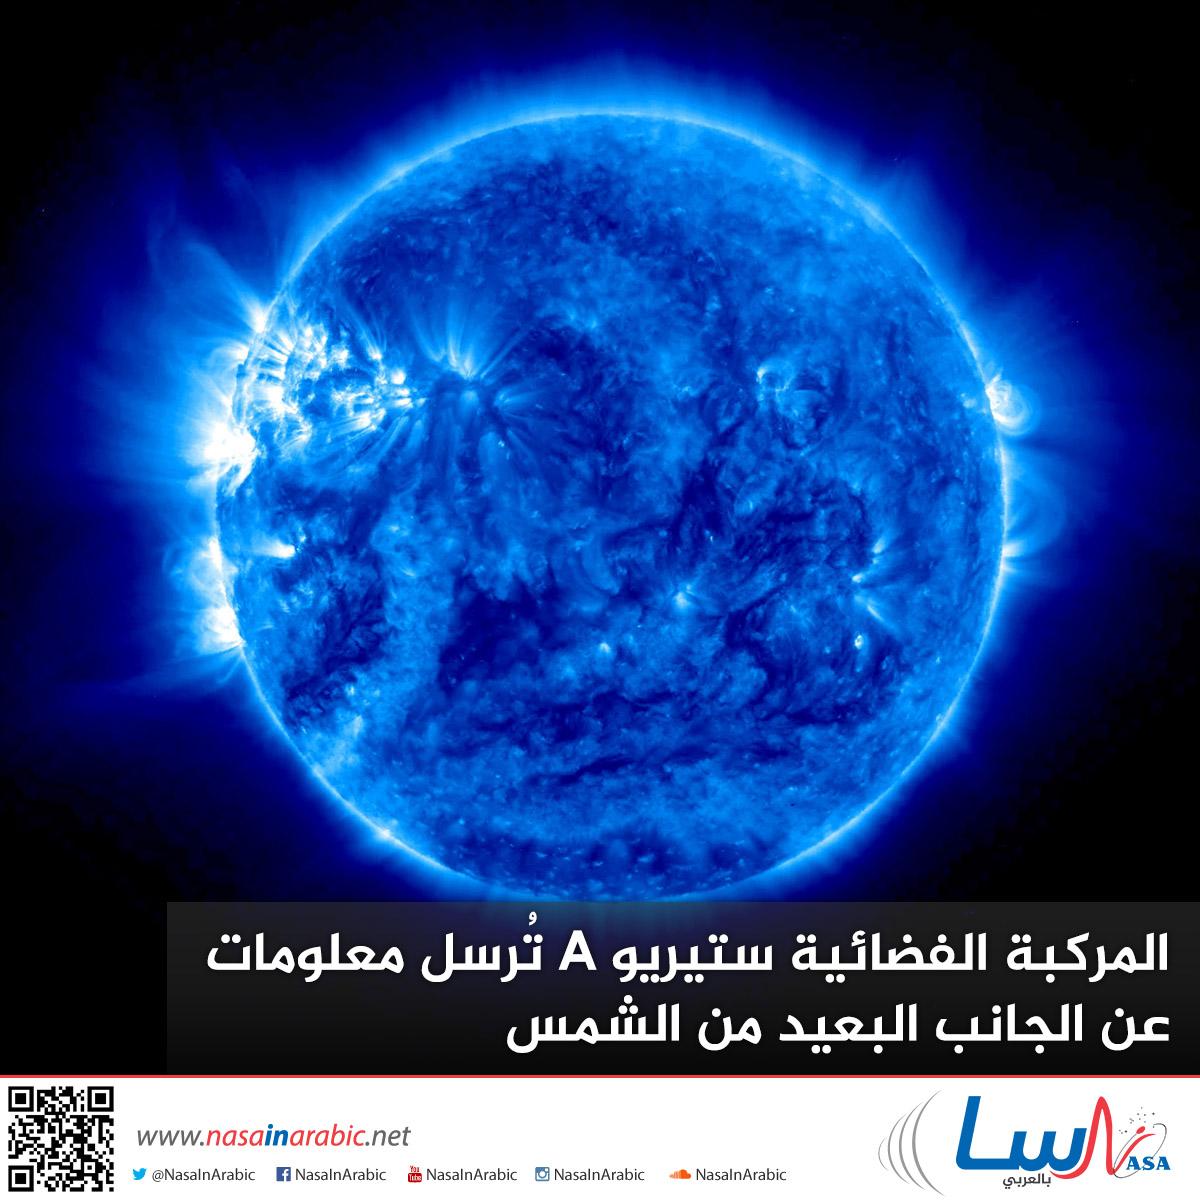 المركبة الفضائية ستيريو A تُرسل معلومات عن الجانب البعيد من الشمس